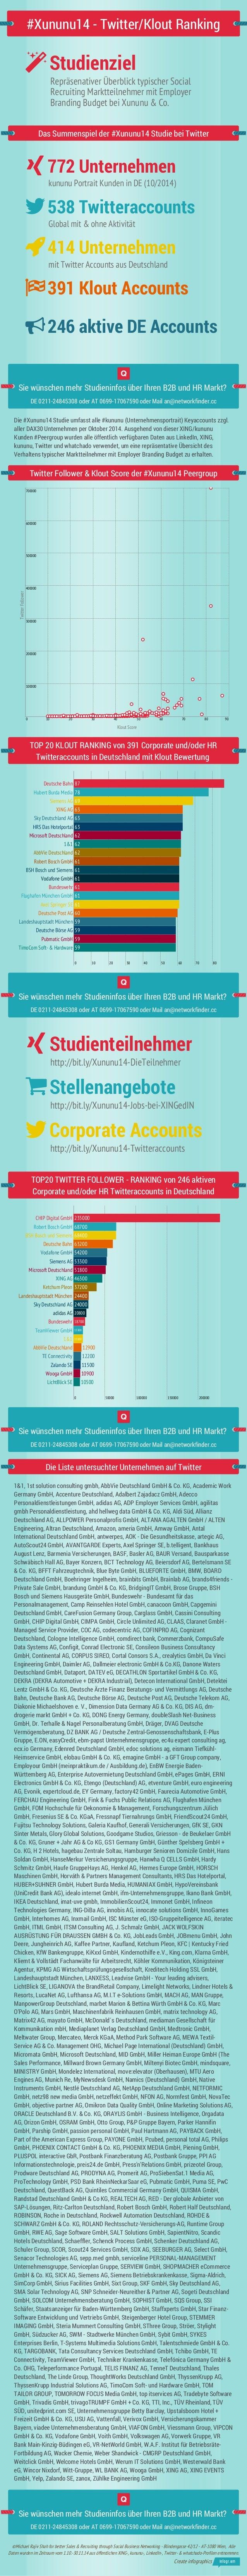 #Xununu14 - Twitter/Klout Ranking  Studienziel  Repräsenativer Überblick typischer Social  Recruiting Marktteilnehmer mit ...